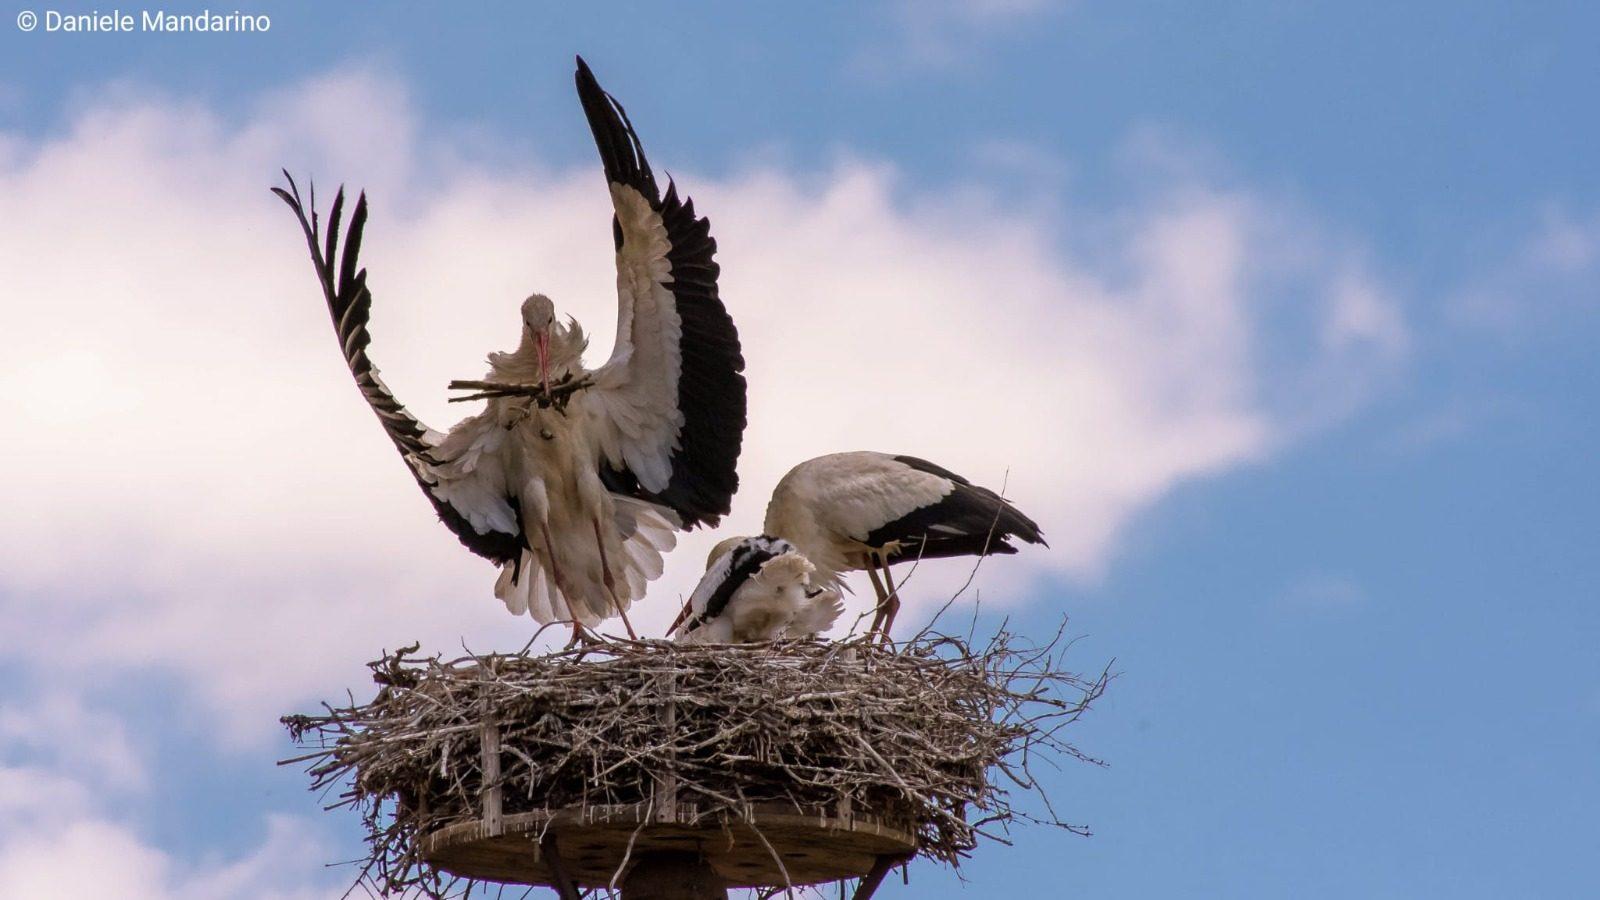 Un nido artificiale su un traliccio (credits:@DanieleMandarino)